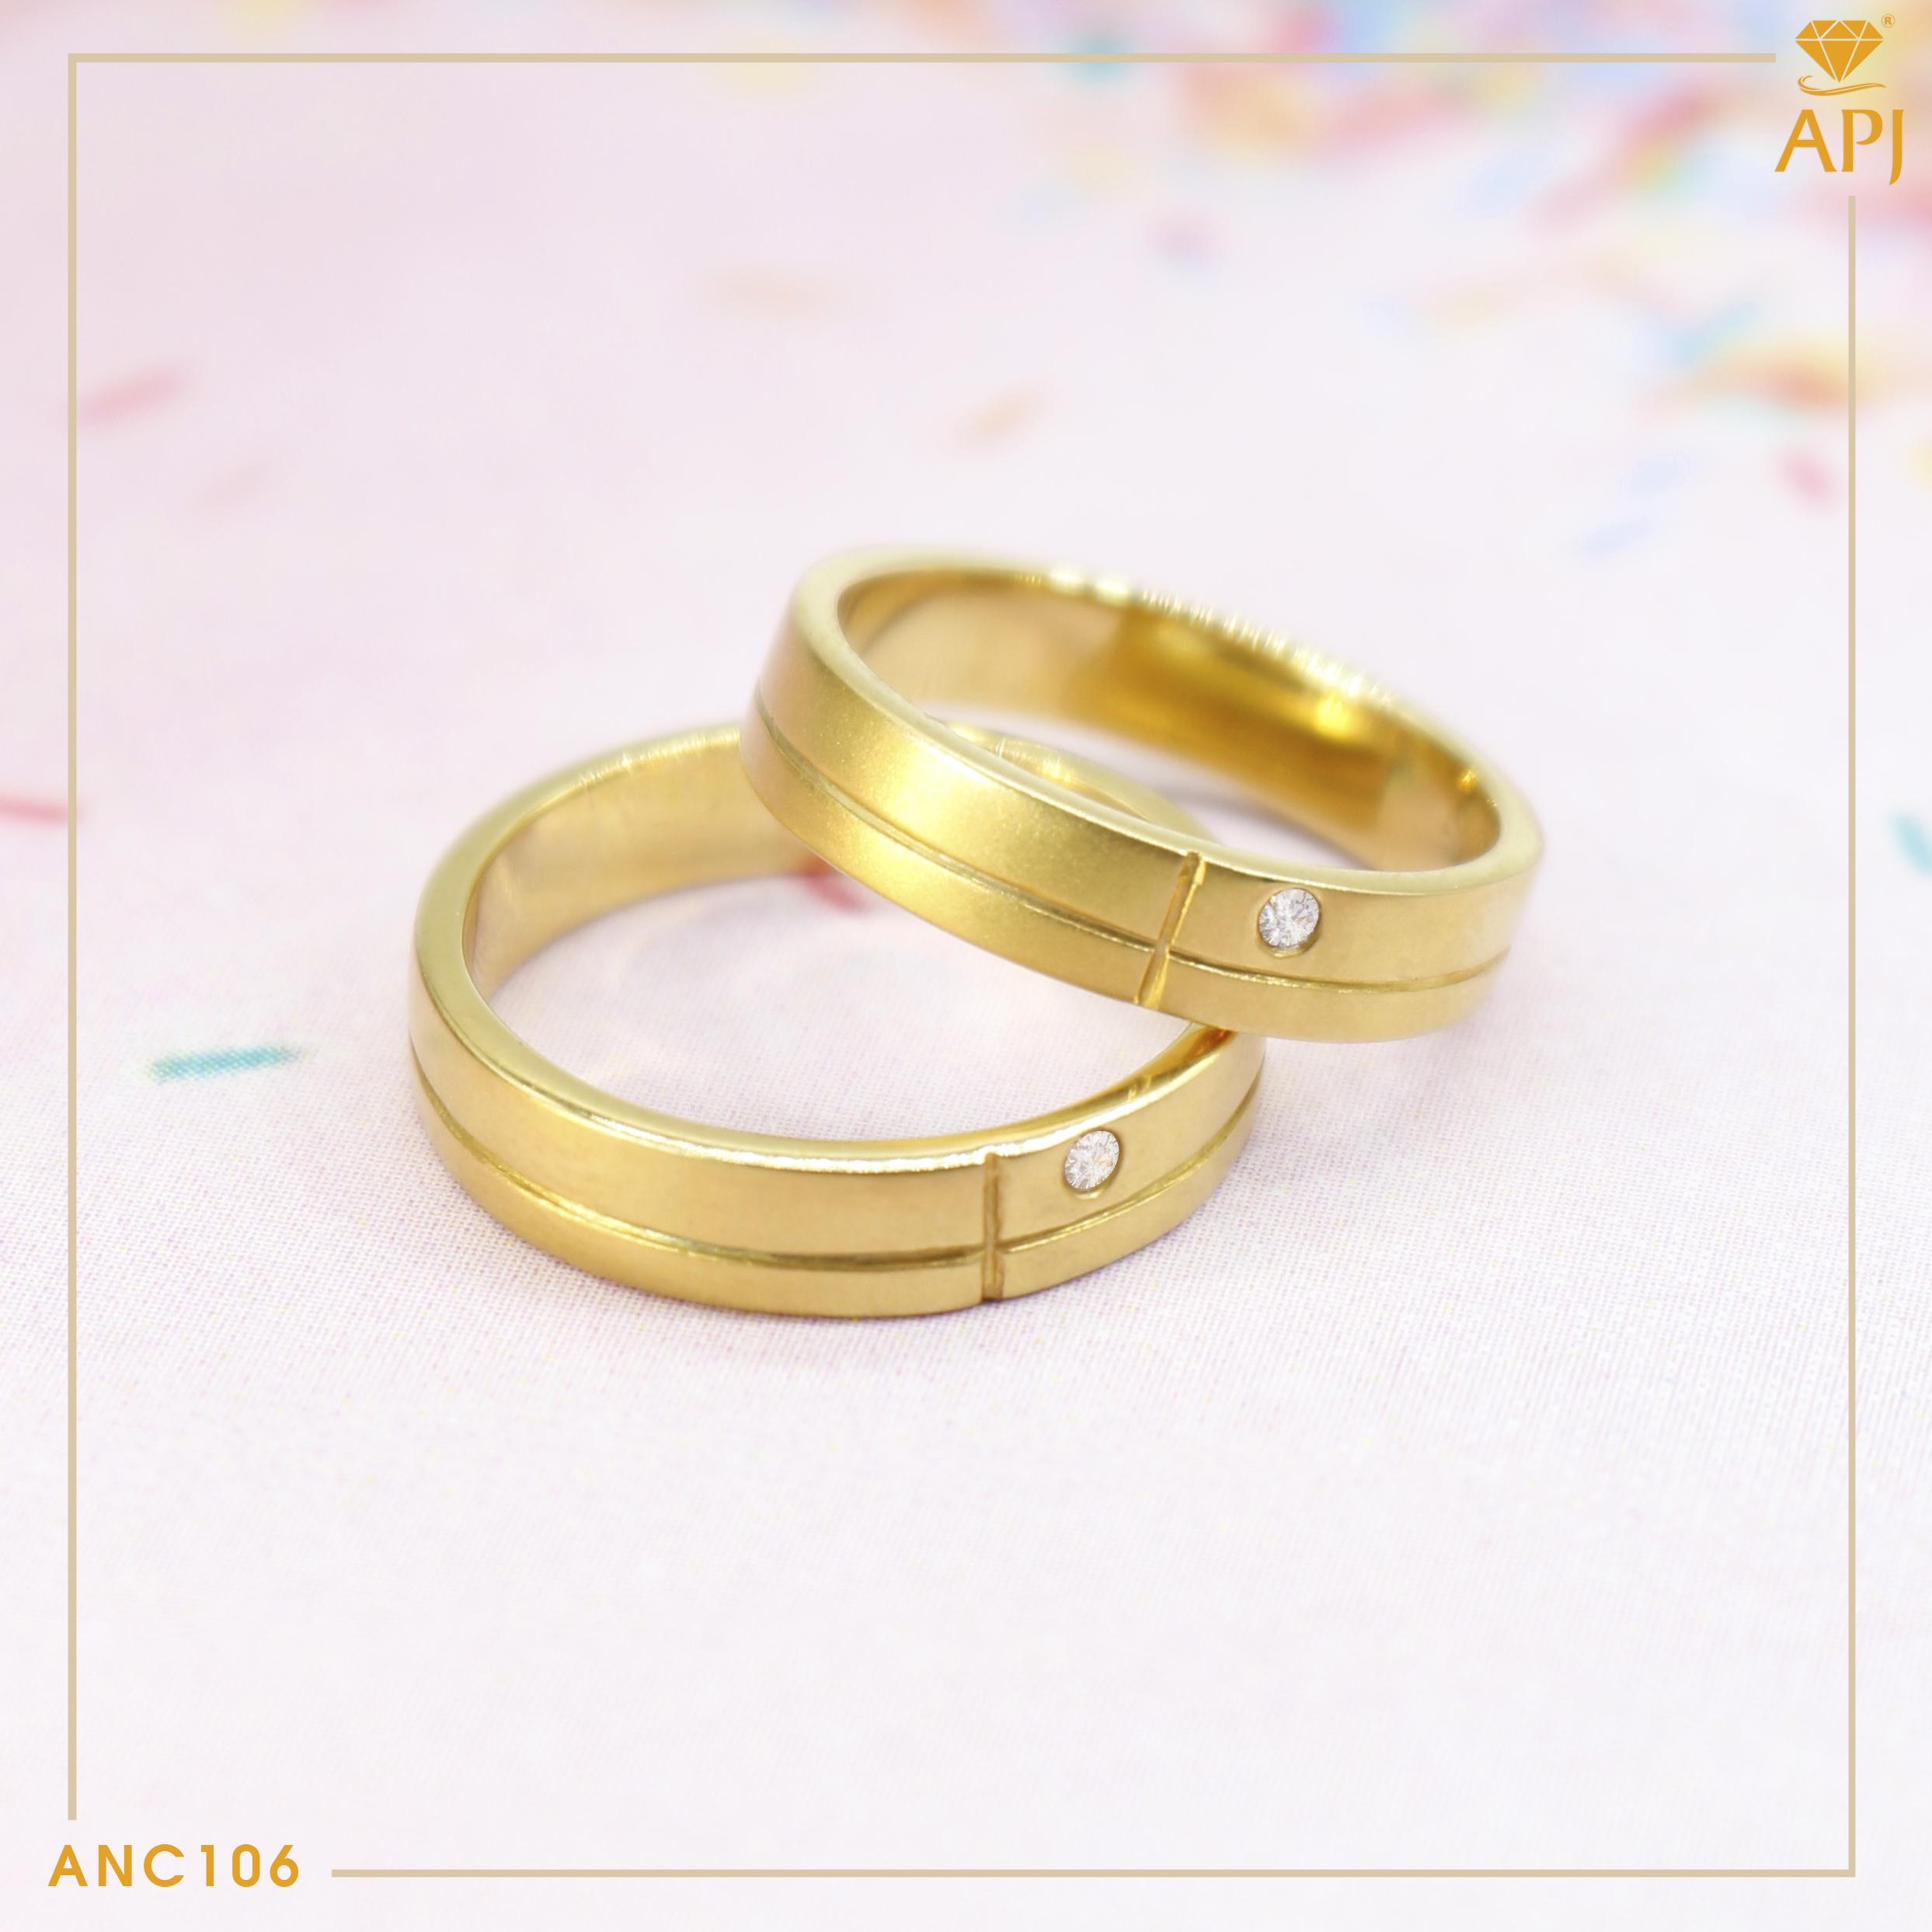 Các mẫu nhẫn cưới đơn giản nhưng không kém phần sang trọng